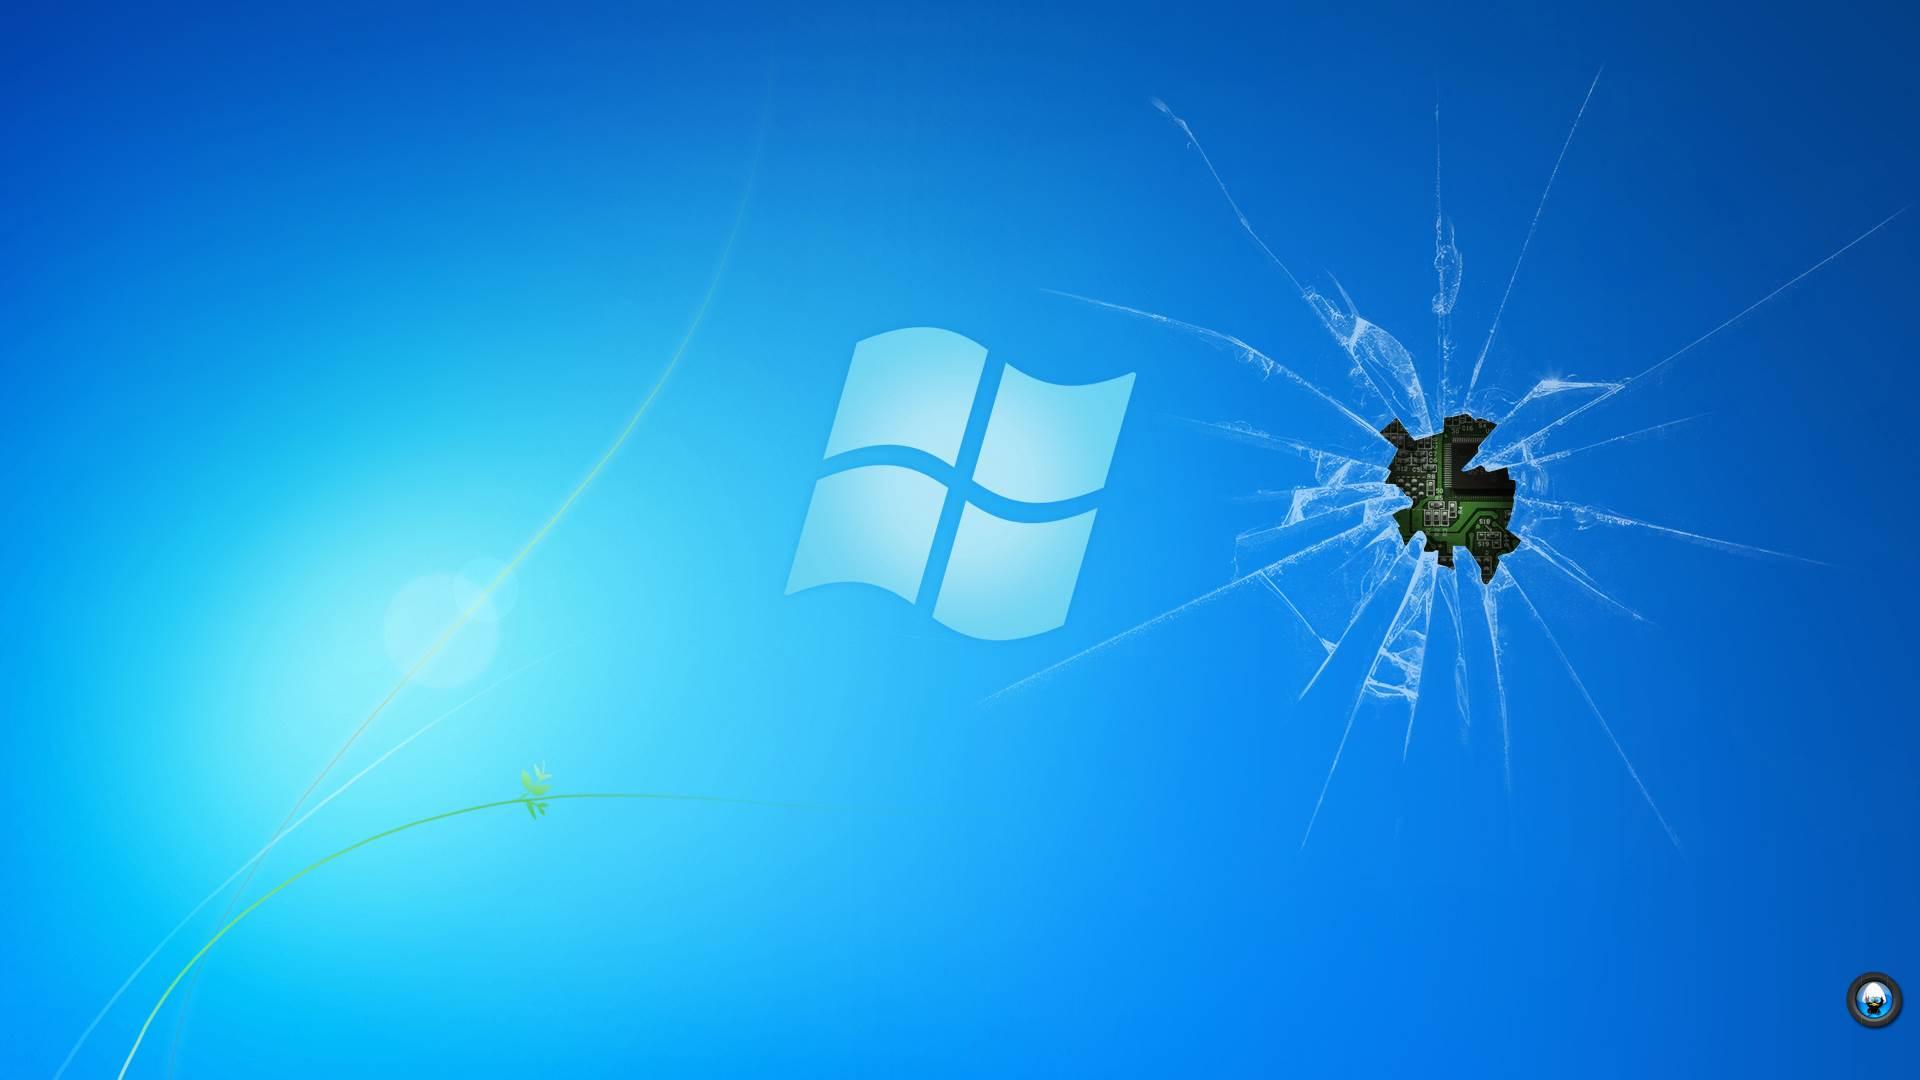 Zendha Broken Screen Wallpaper Windows